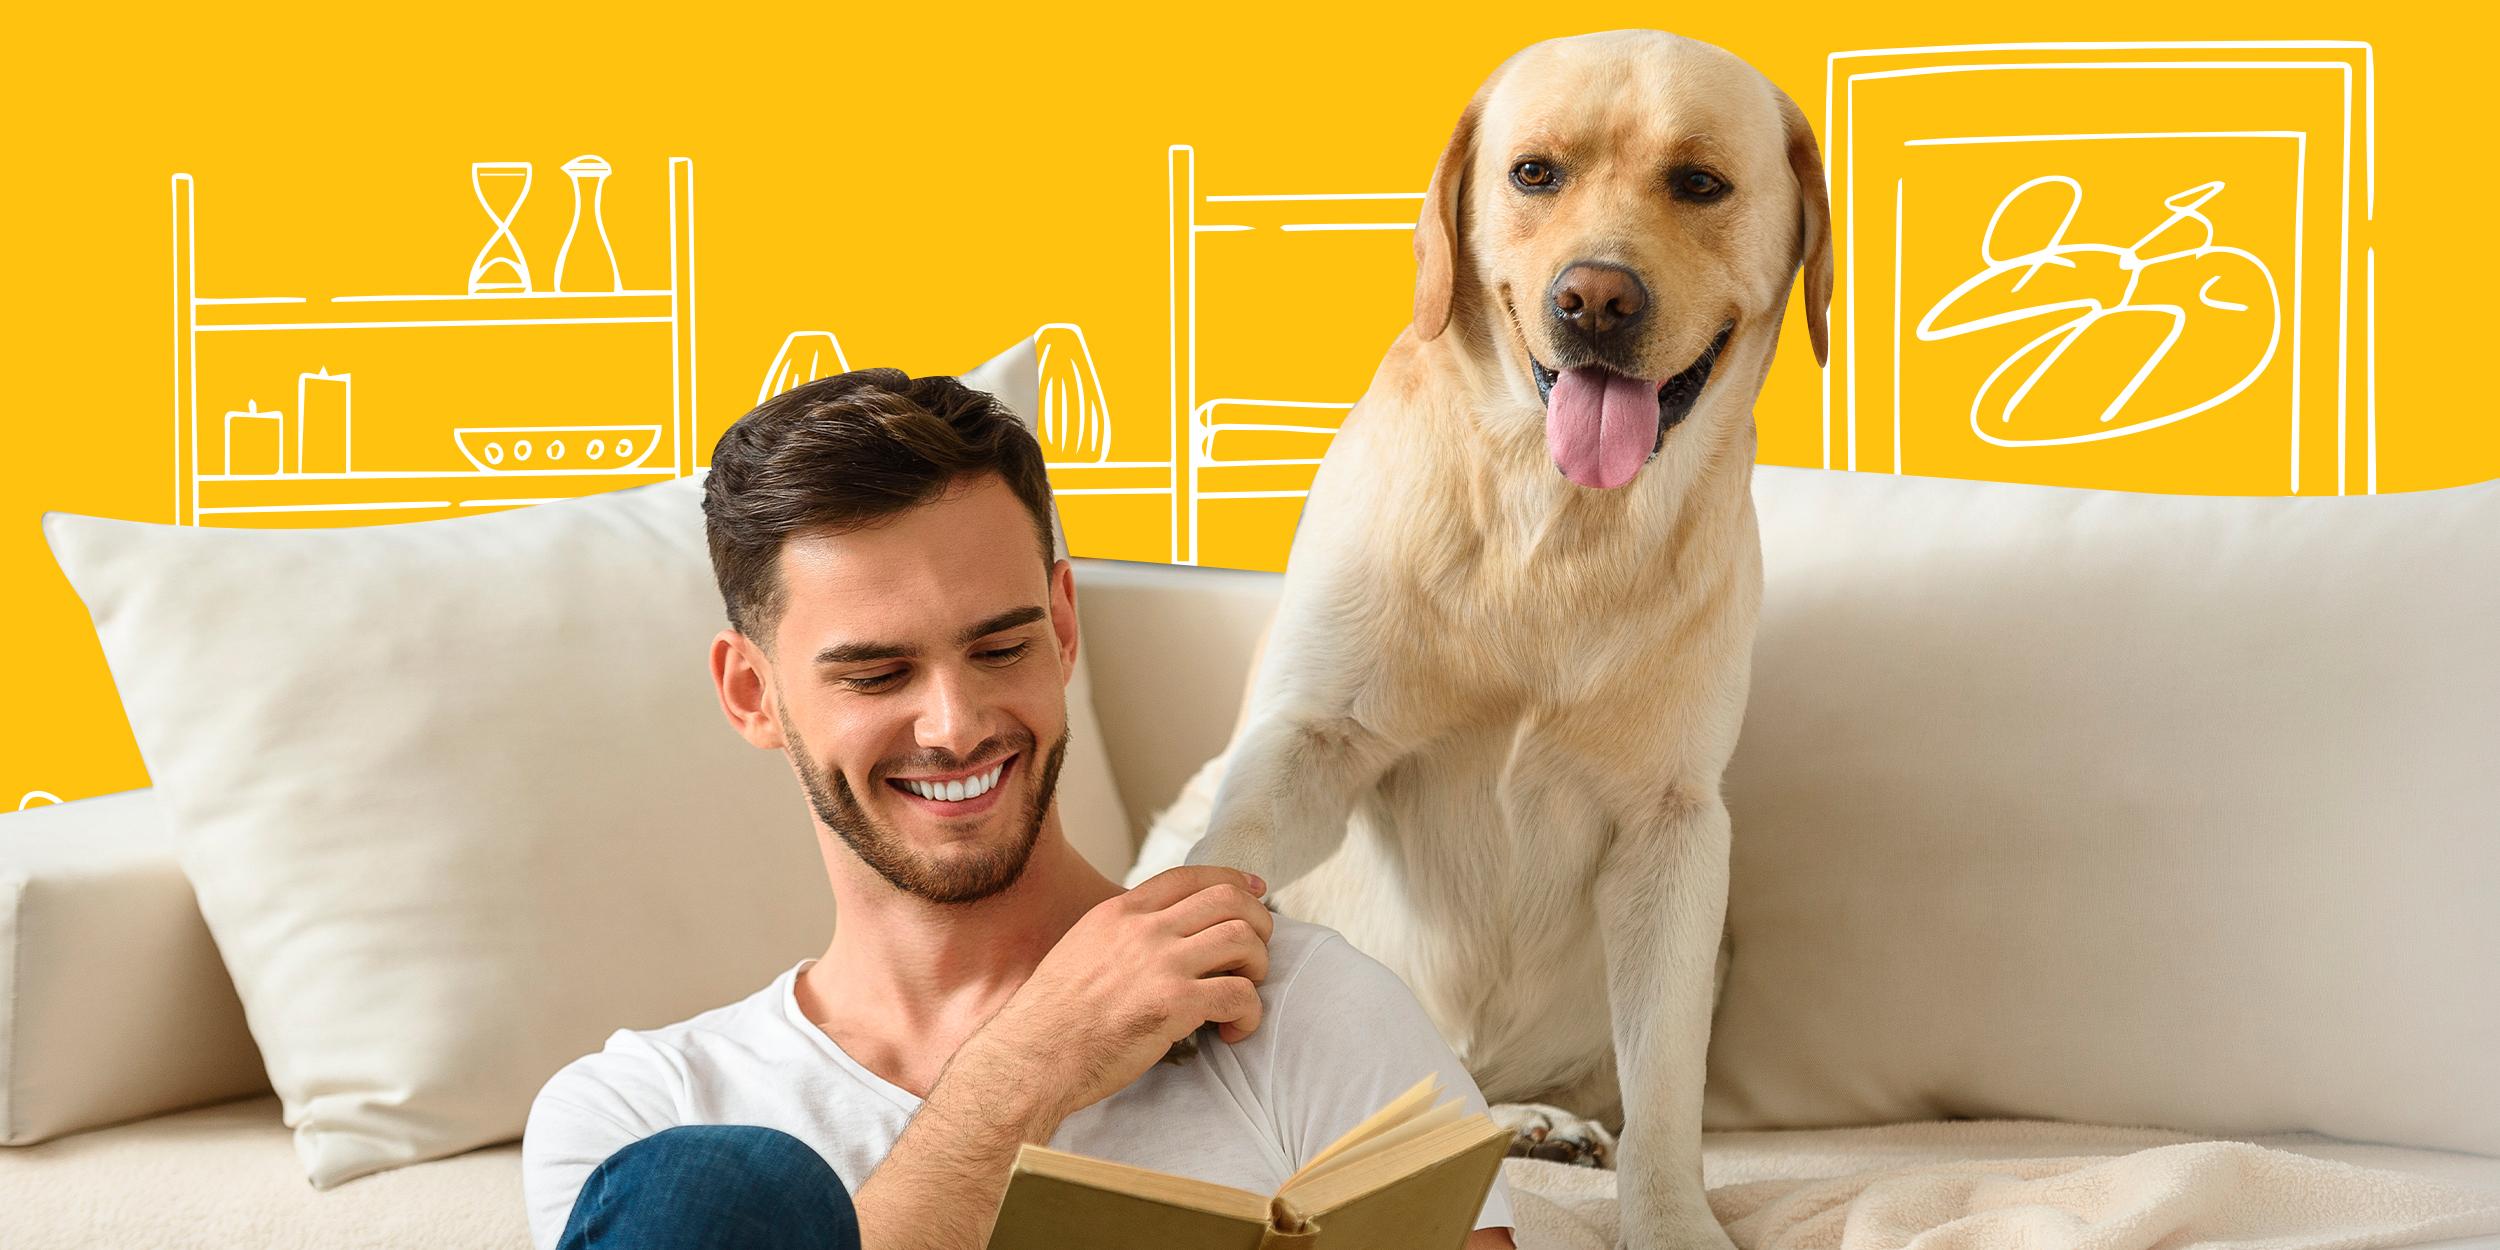 7 удивительных фактов о том, как собаки влияют на своих владельцев